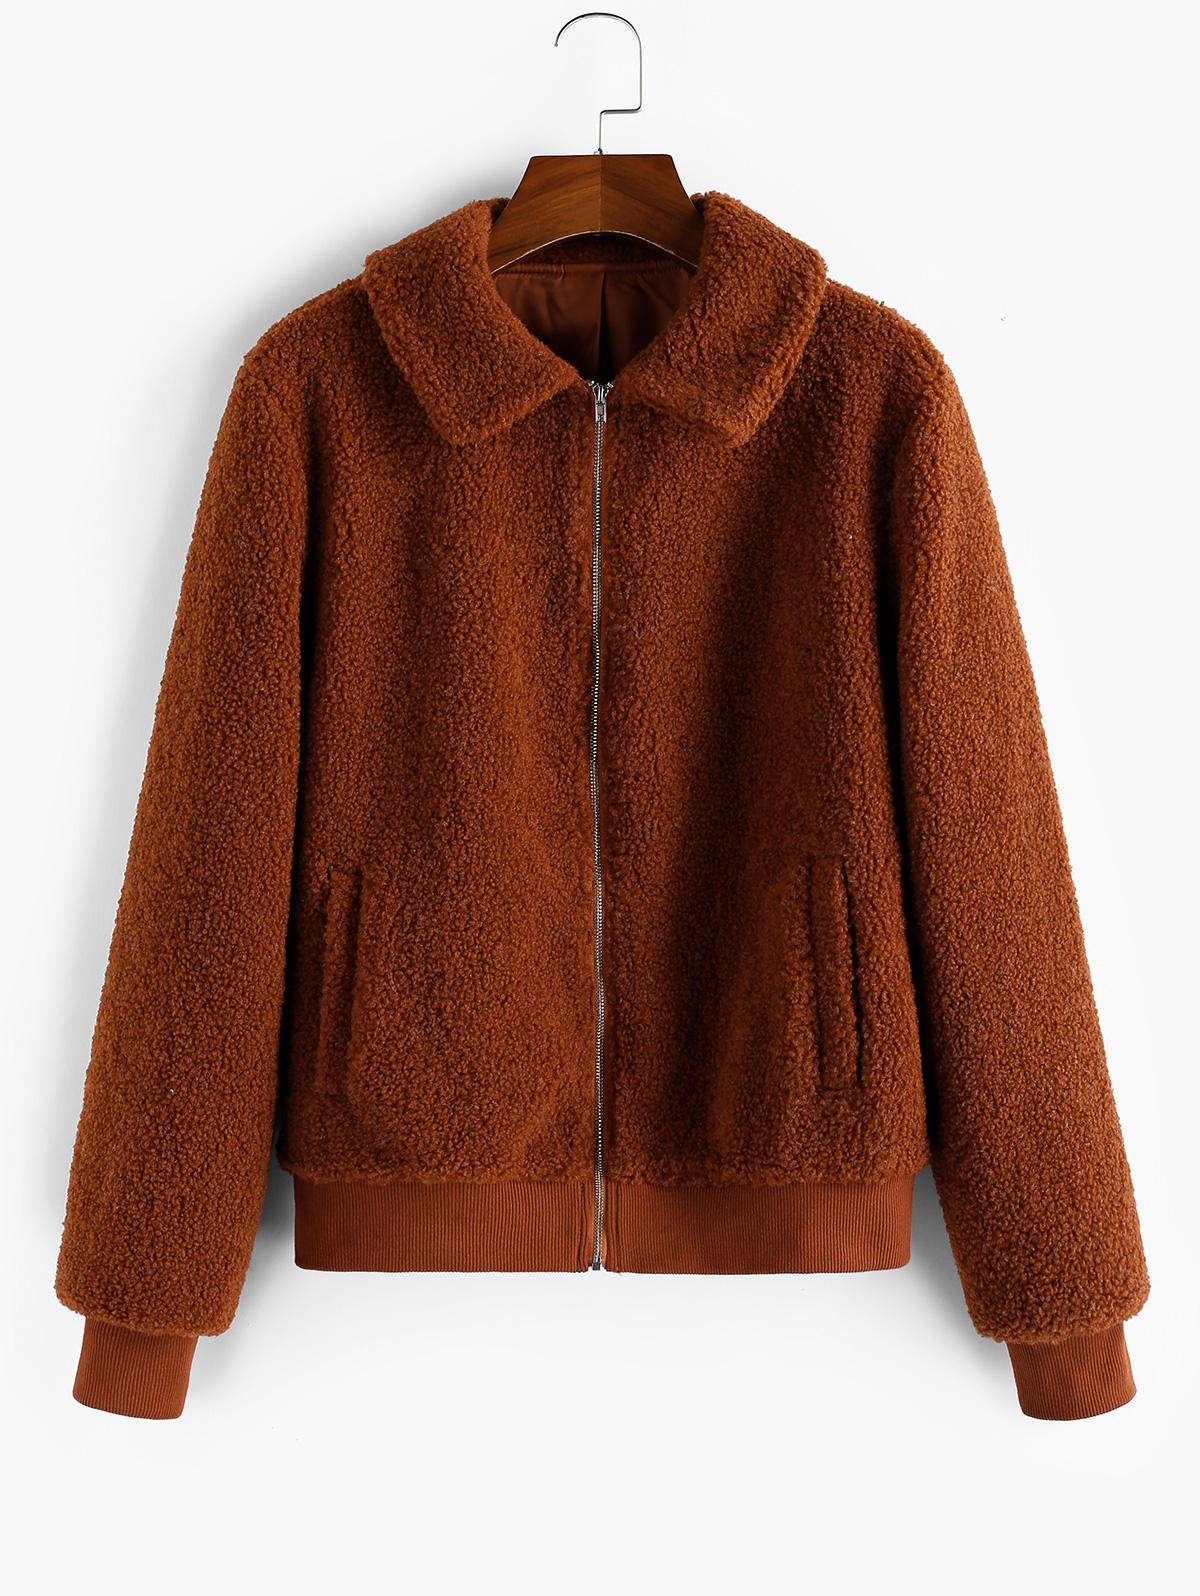 ZAFUL Zip Up Faux Shearling Pocket Teddy Coat